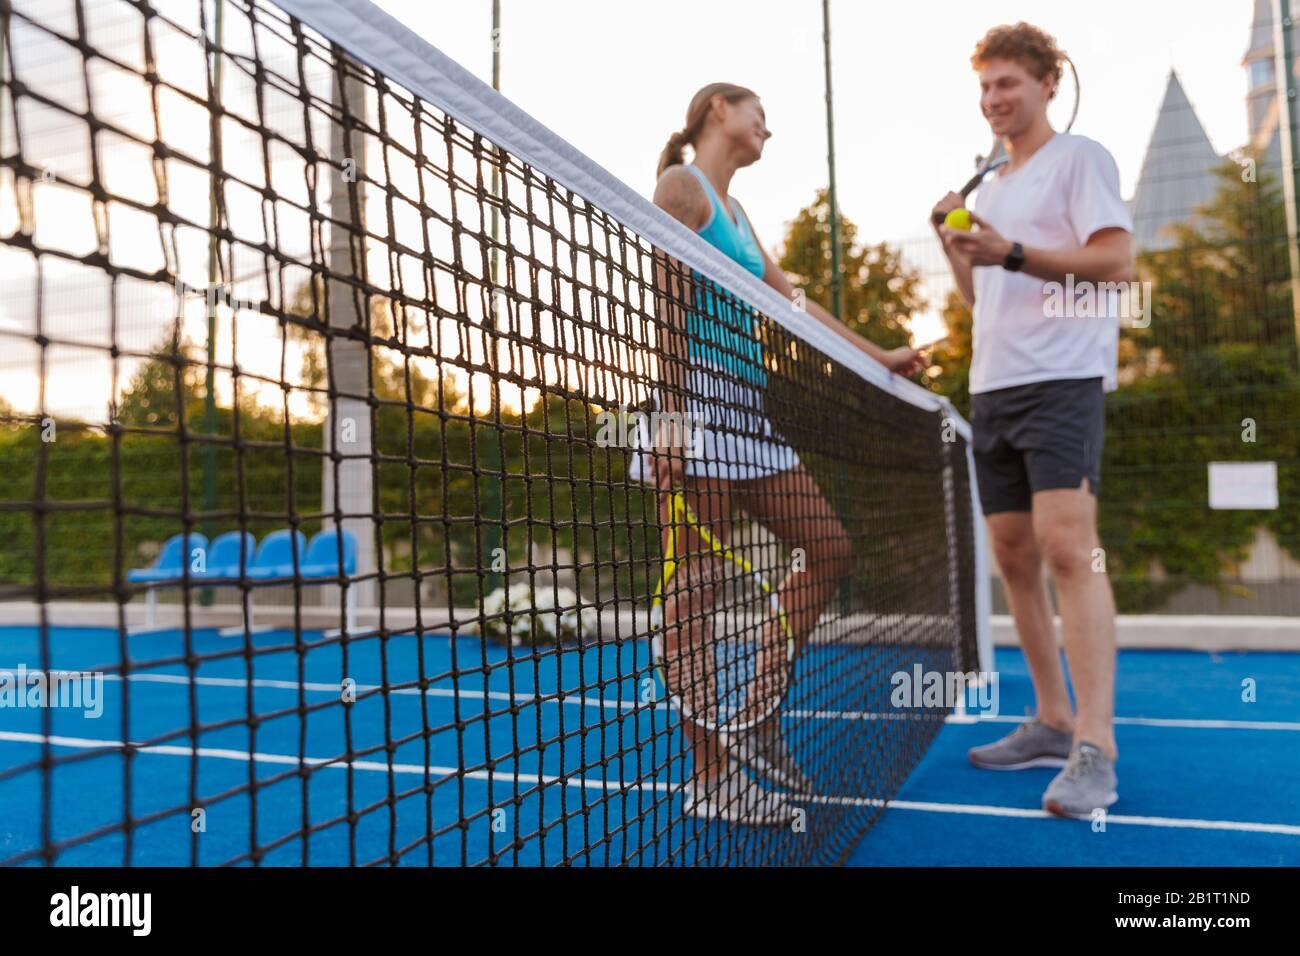 Imagen de un joven sonriente positivo dos jugadores de tenis positivo mujer y hombre al aire libre hablando entre sí sosteniendo raqueta. Foto de stock